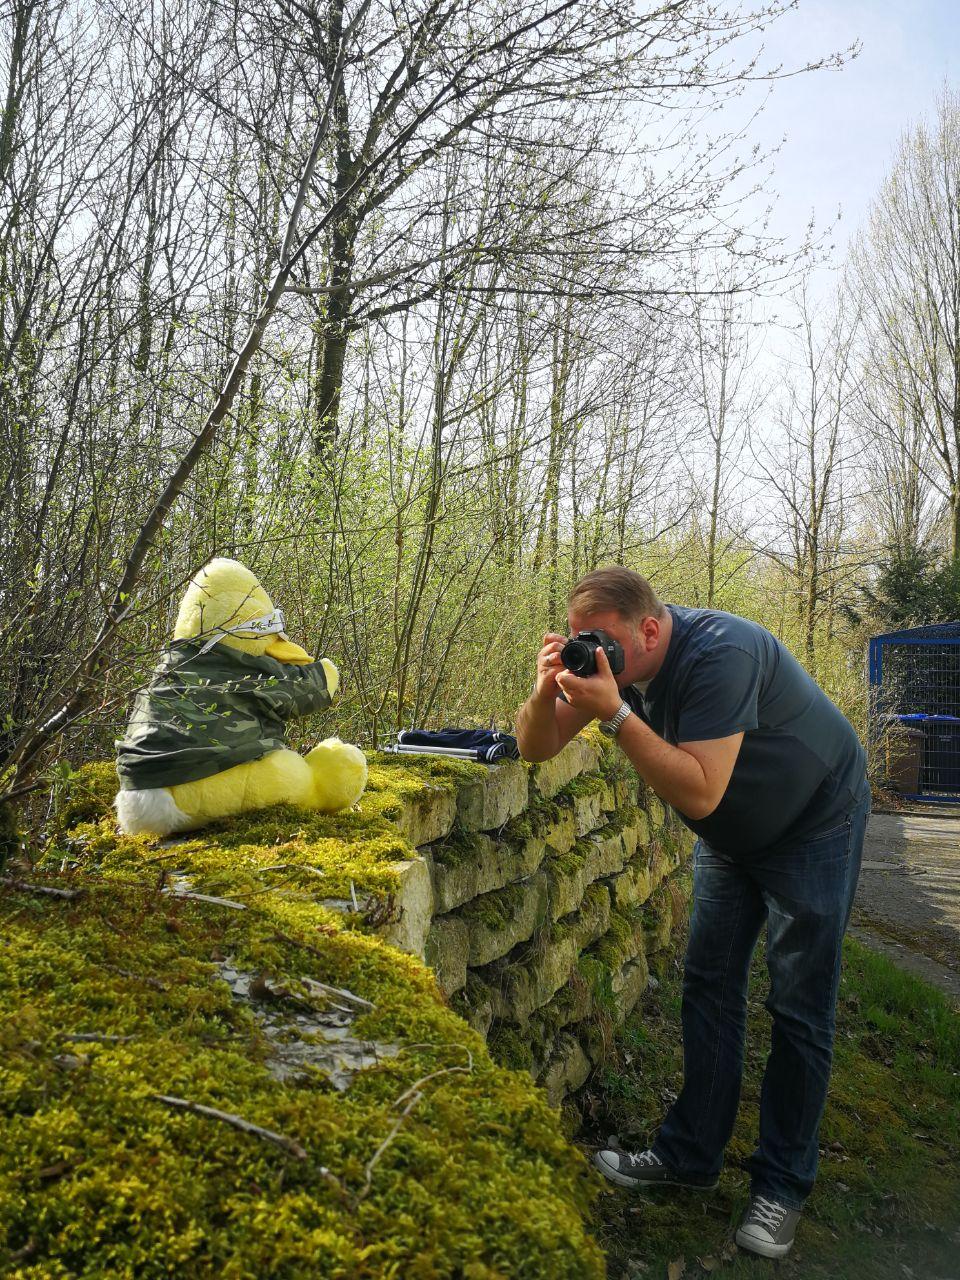 BigBird im Frühling - Bildmotive passend für die aktuelle Jahreszeit